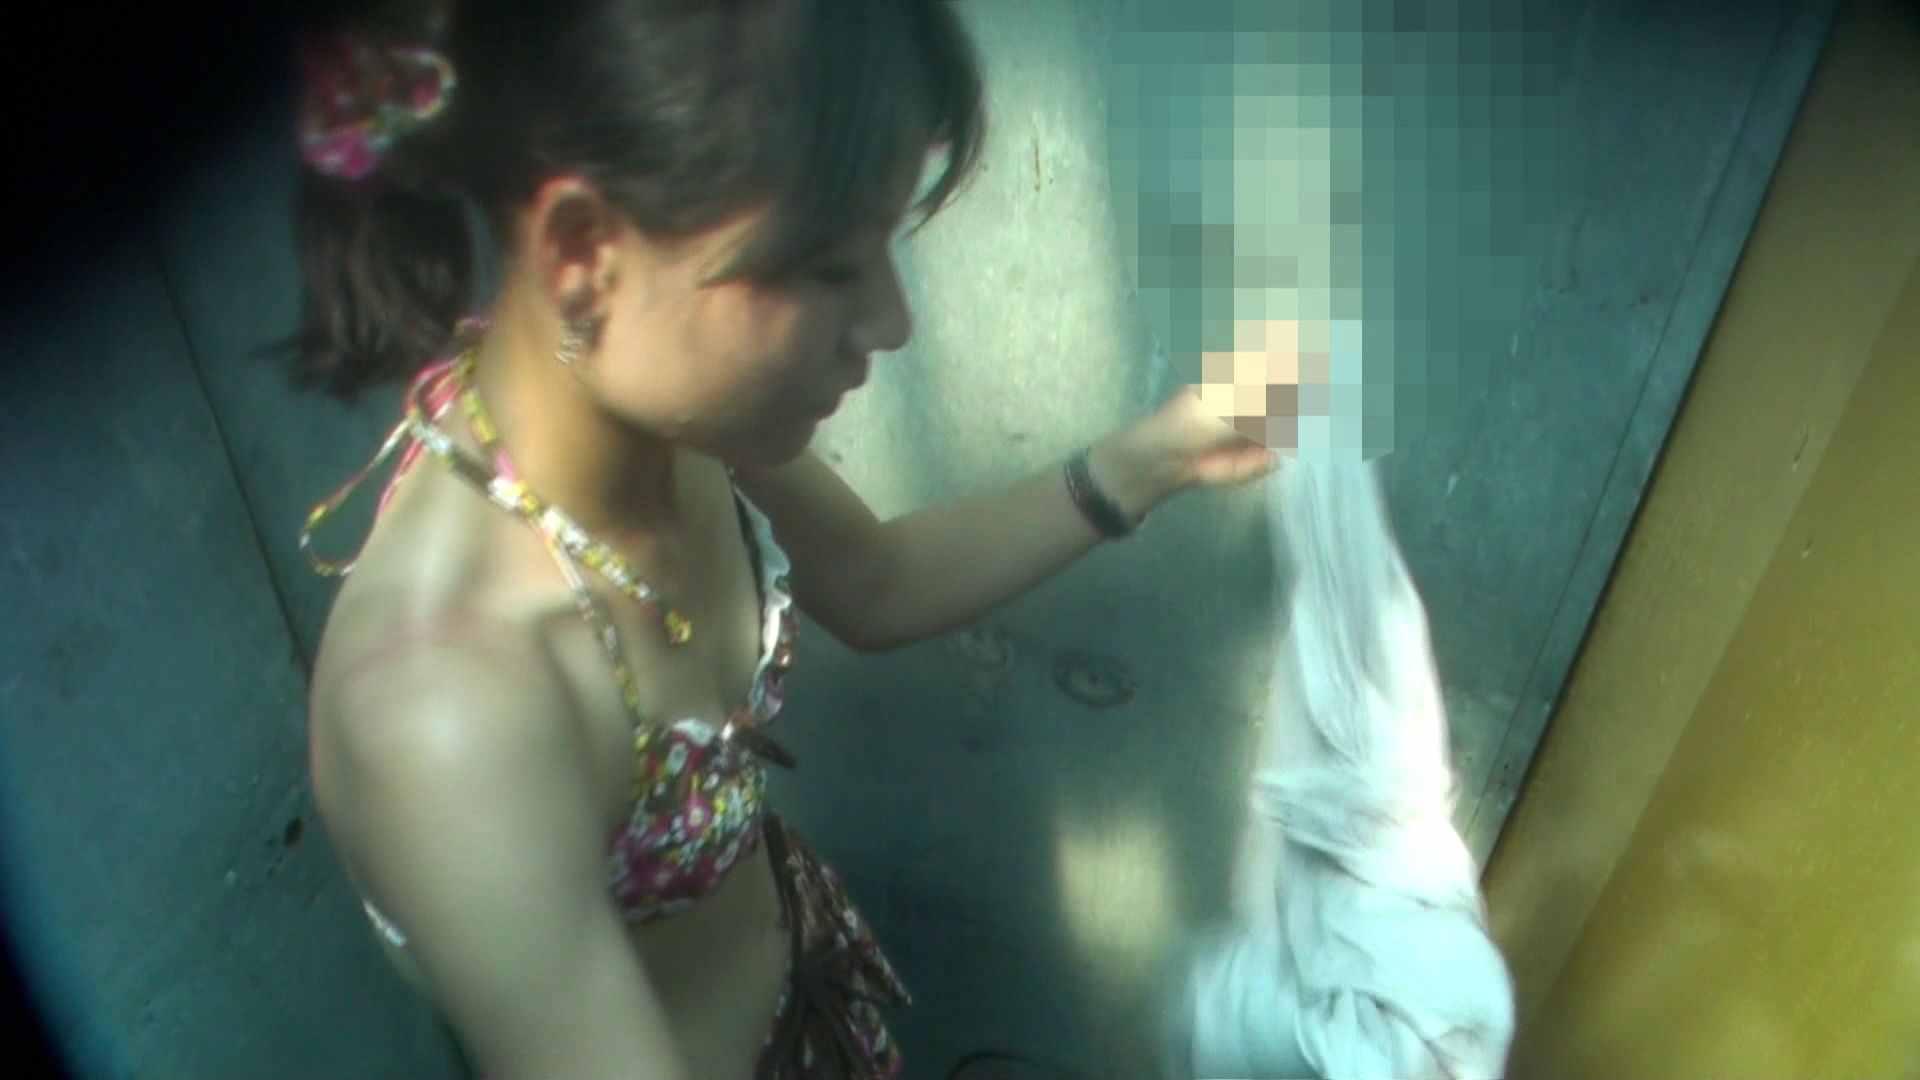 シャワールームは超!!危険な香りVol.16 意外に乳首は年増のそれ 高画質 のぞき濡れ場動画紹介 61pic 55